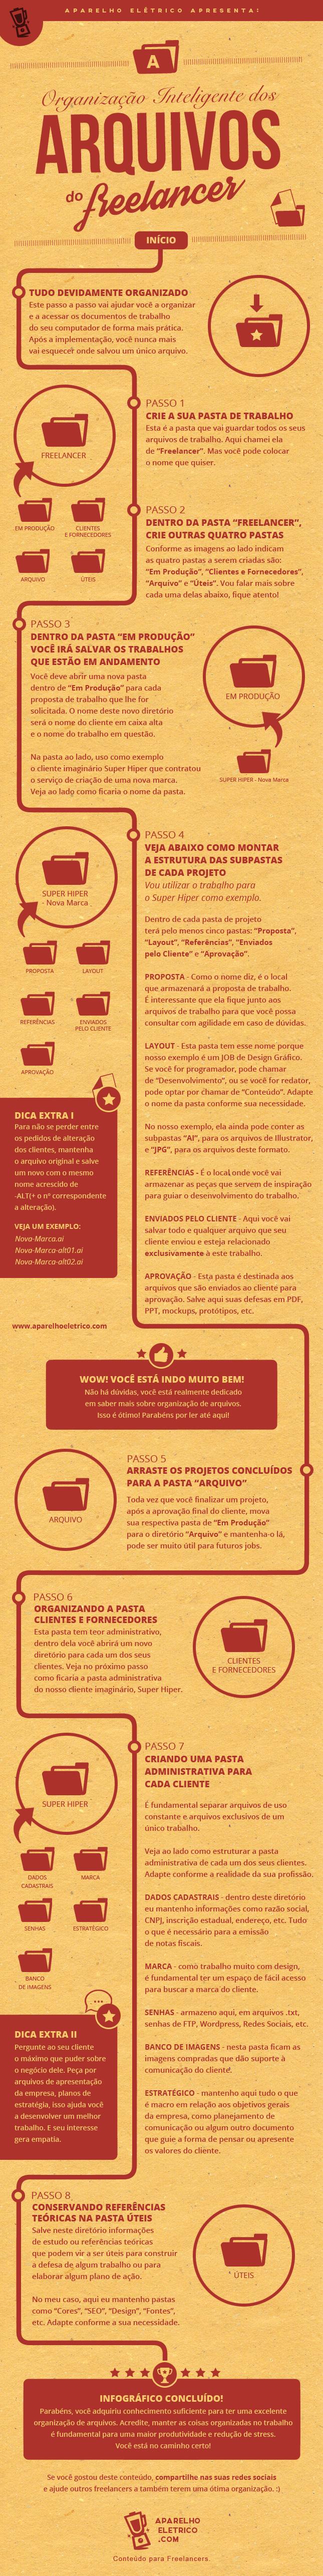 Infográfico - A organização inteligente dos arquivos do Freelancer